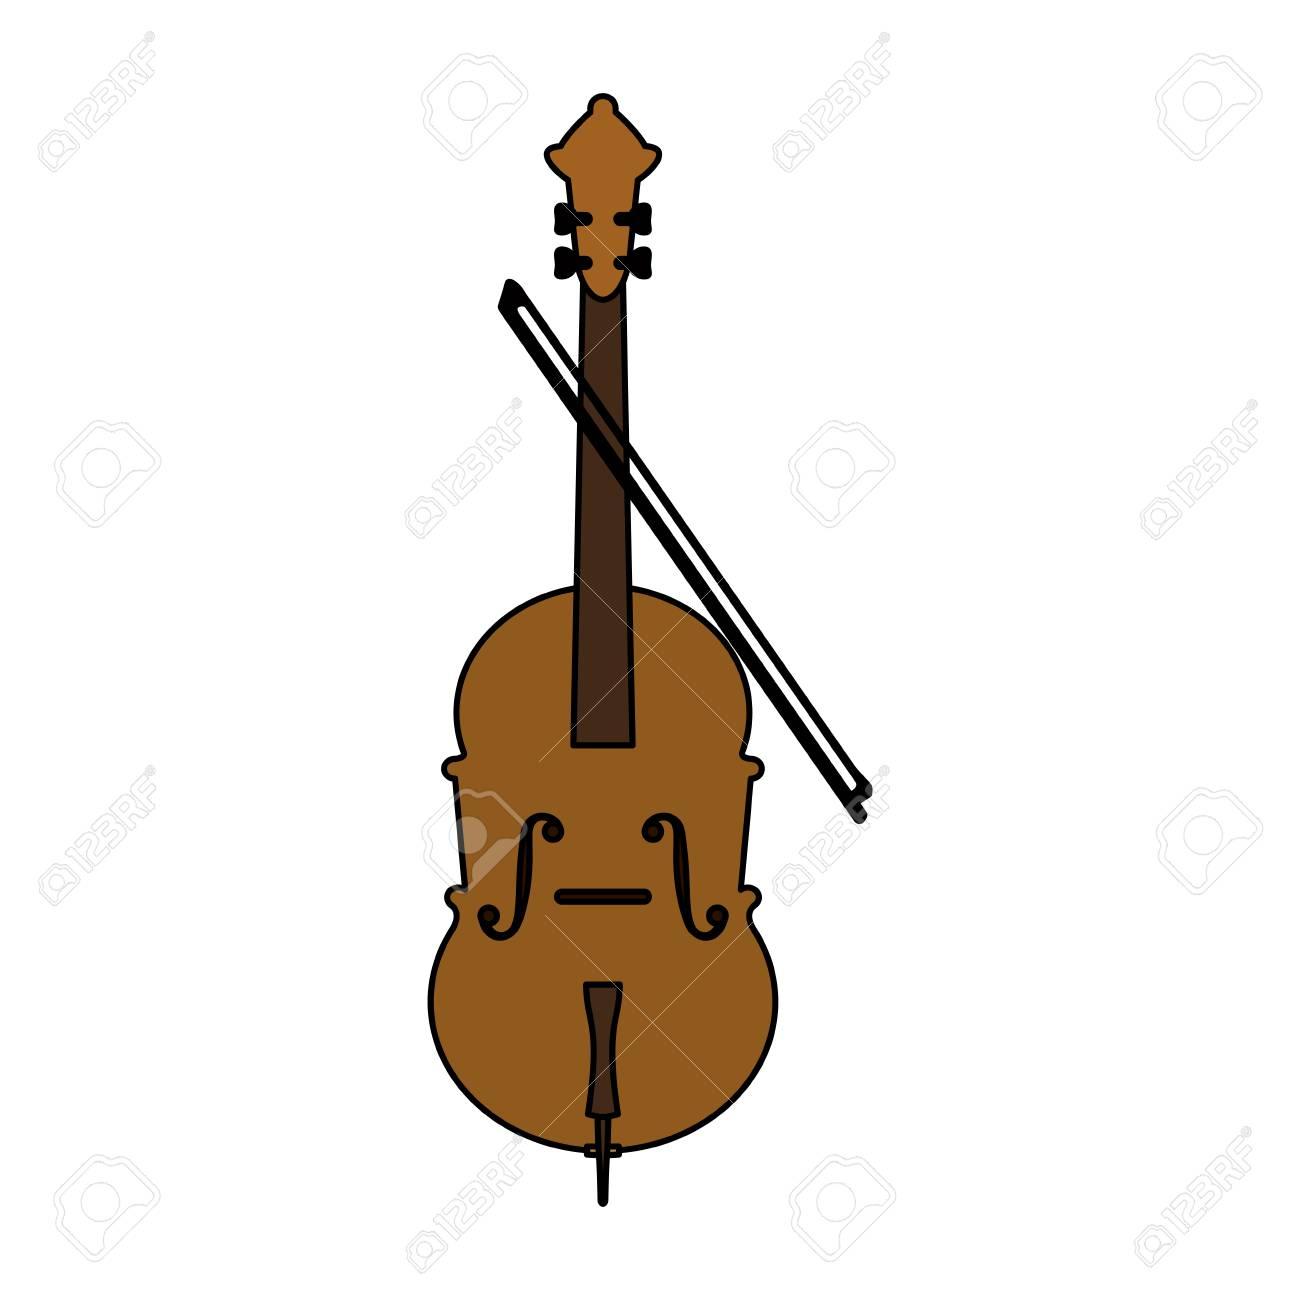 Cello Y Pantalones Cortos Del Icono Del Instrumento Musical Ilustracion Vectorial De Diseno